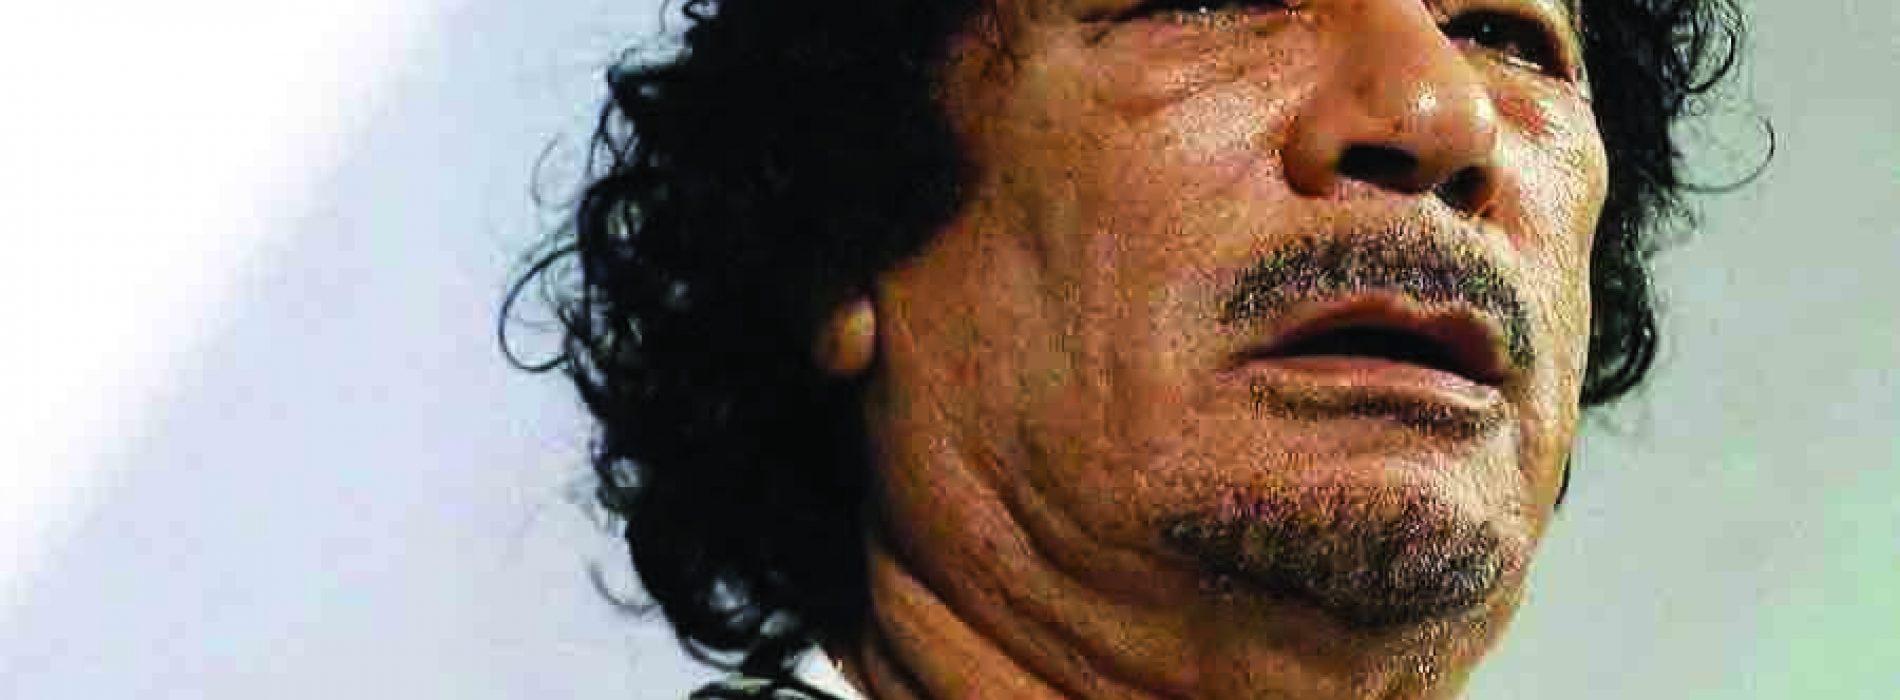 Colonel Gaddafi's Libya (and mine): Part 1